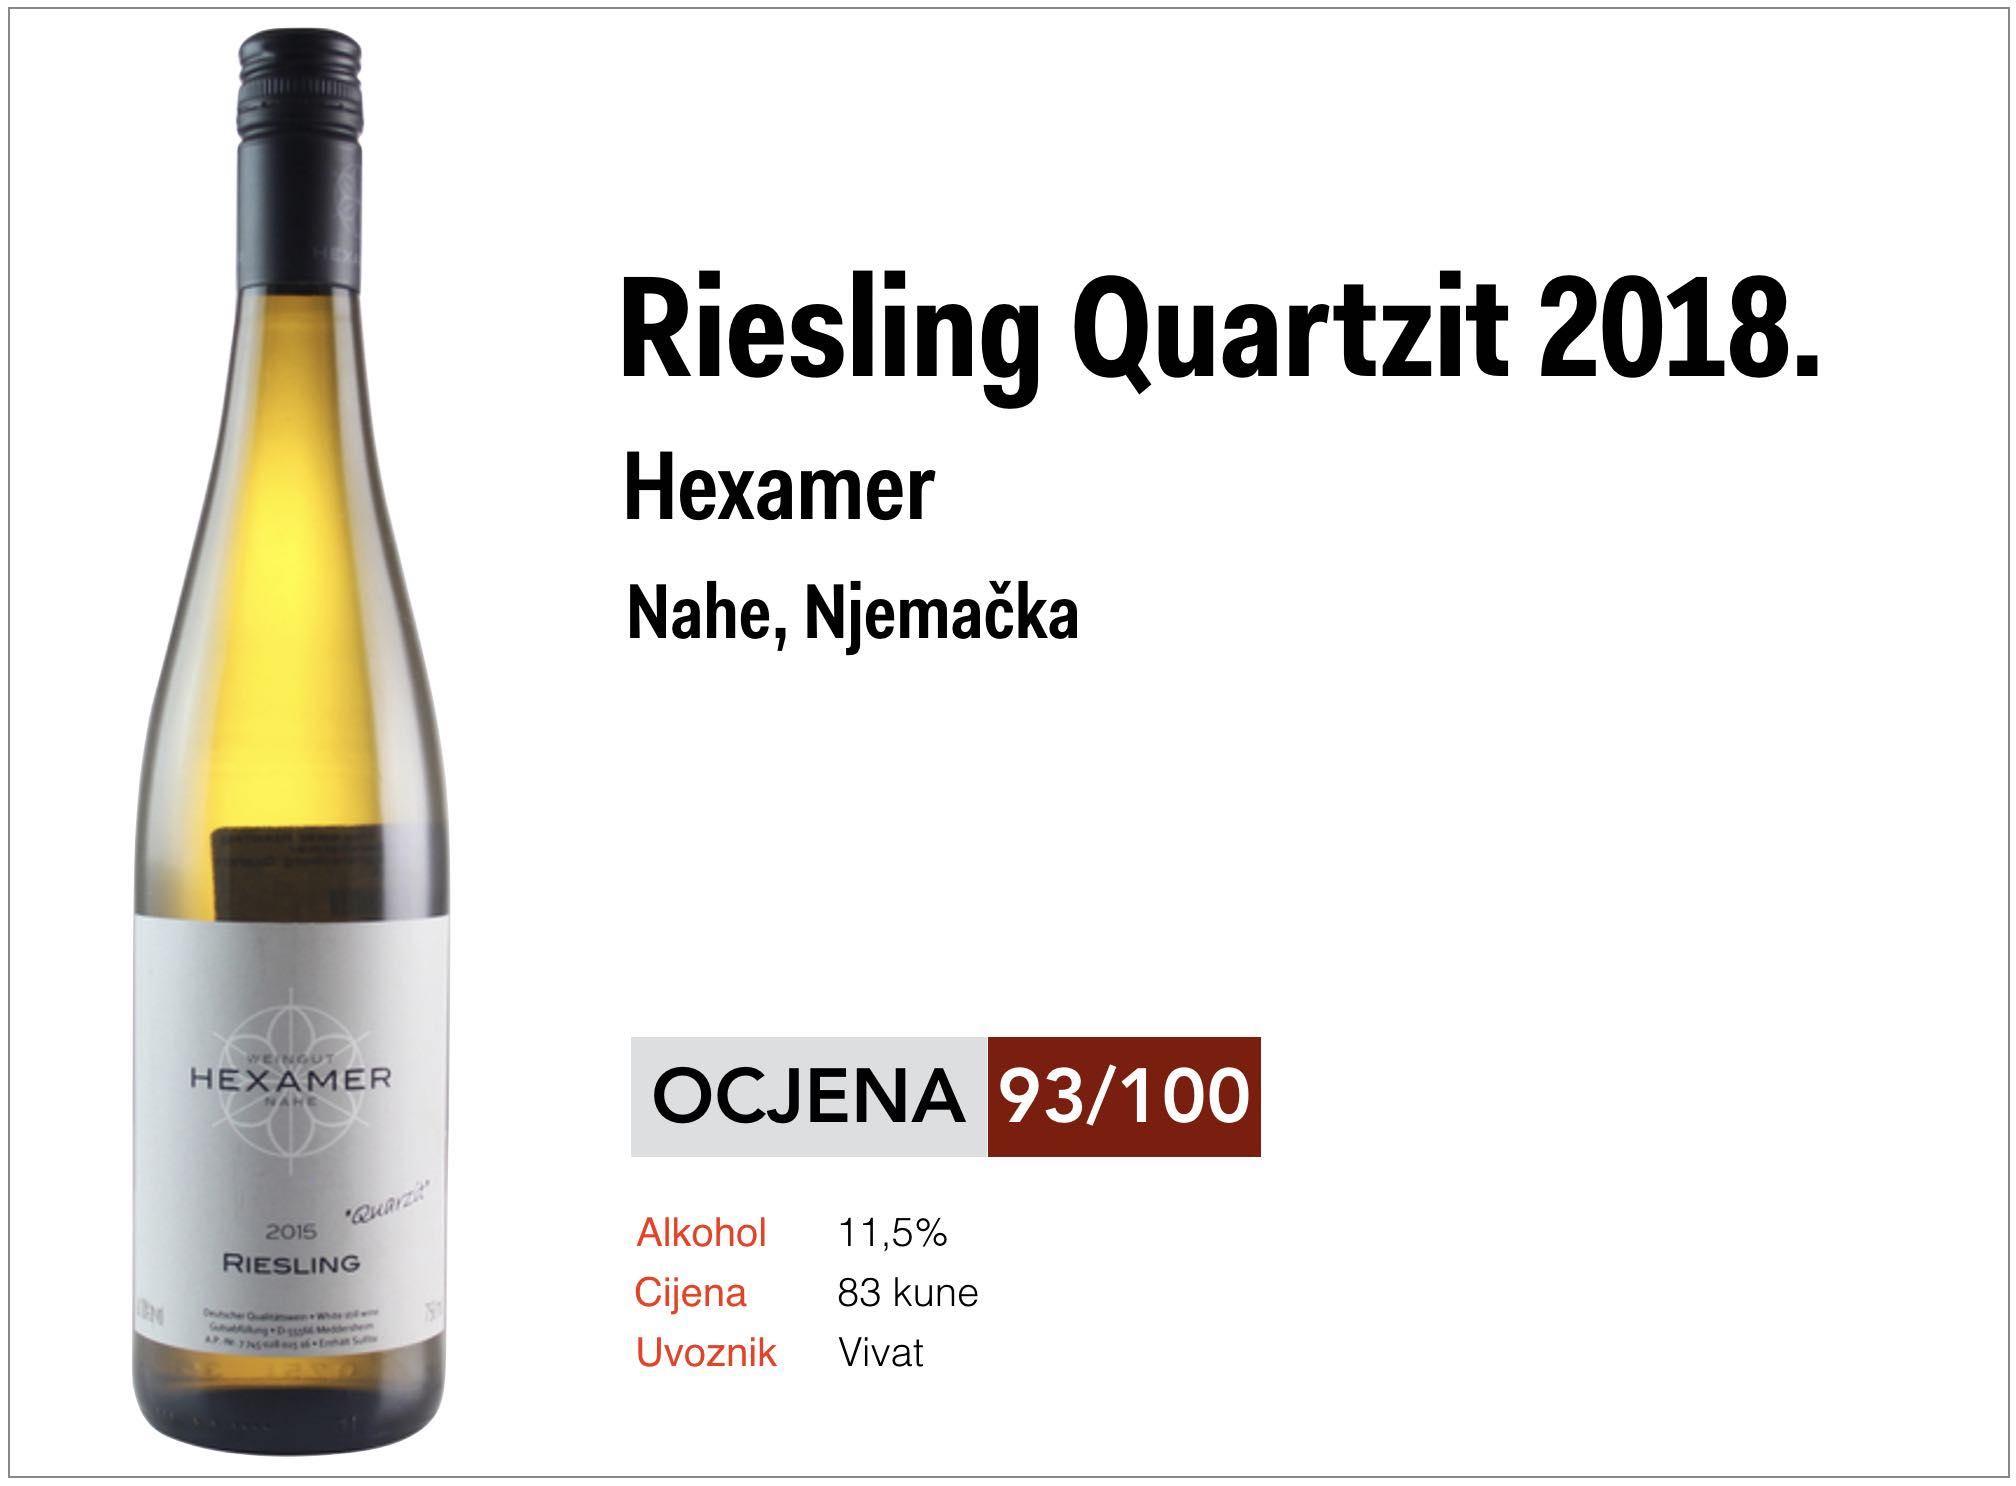 hexamer-riesling